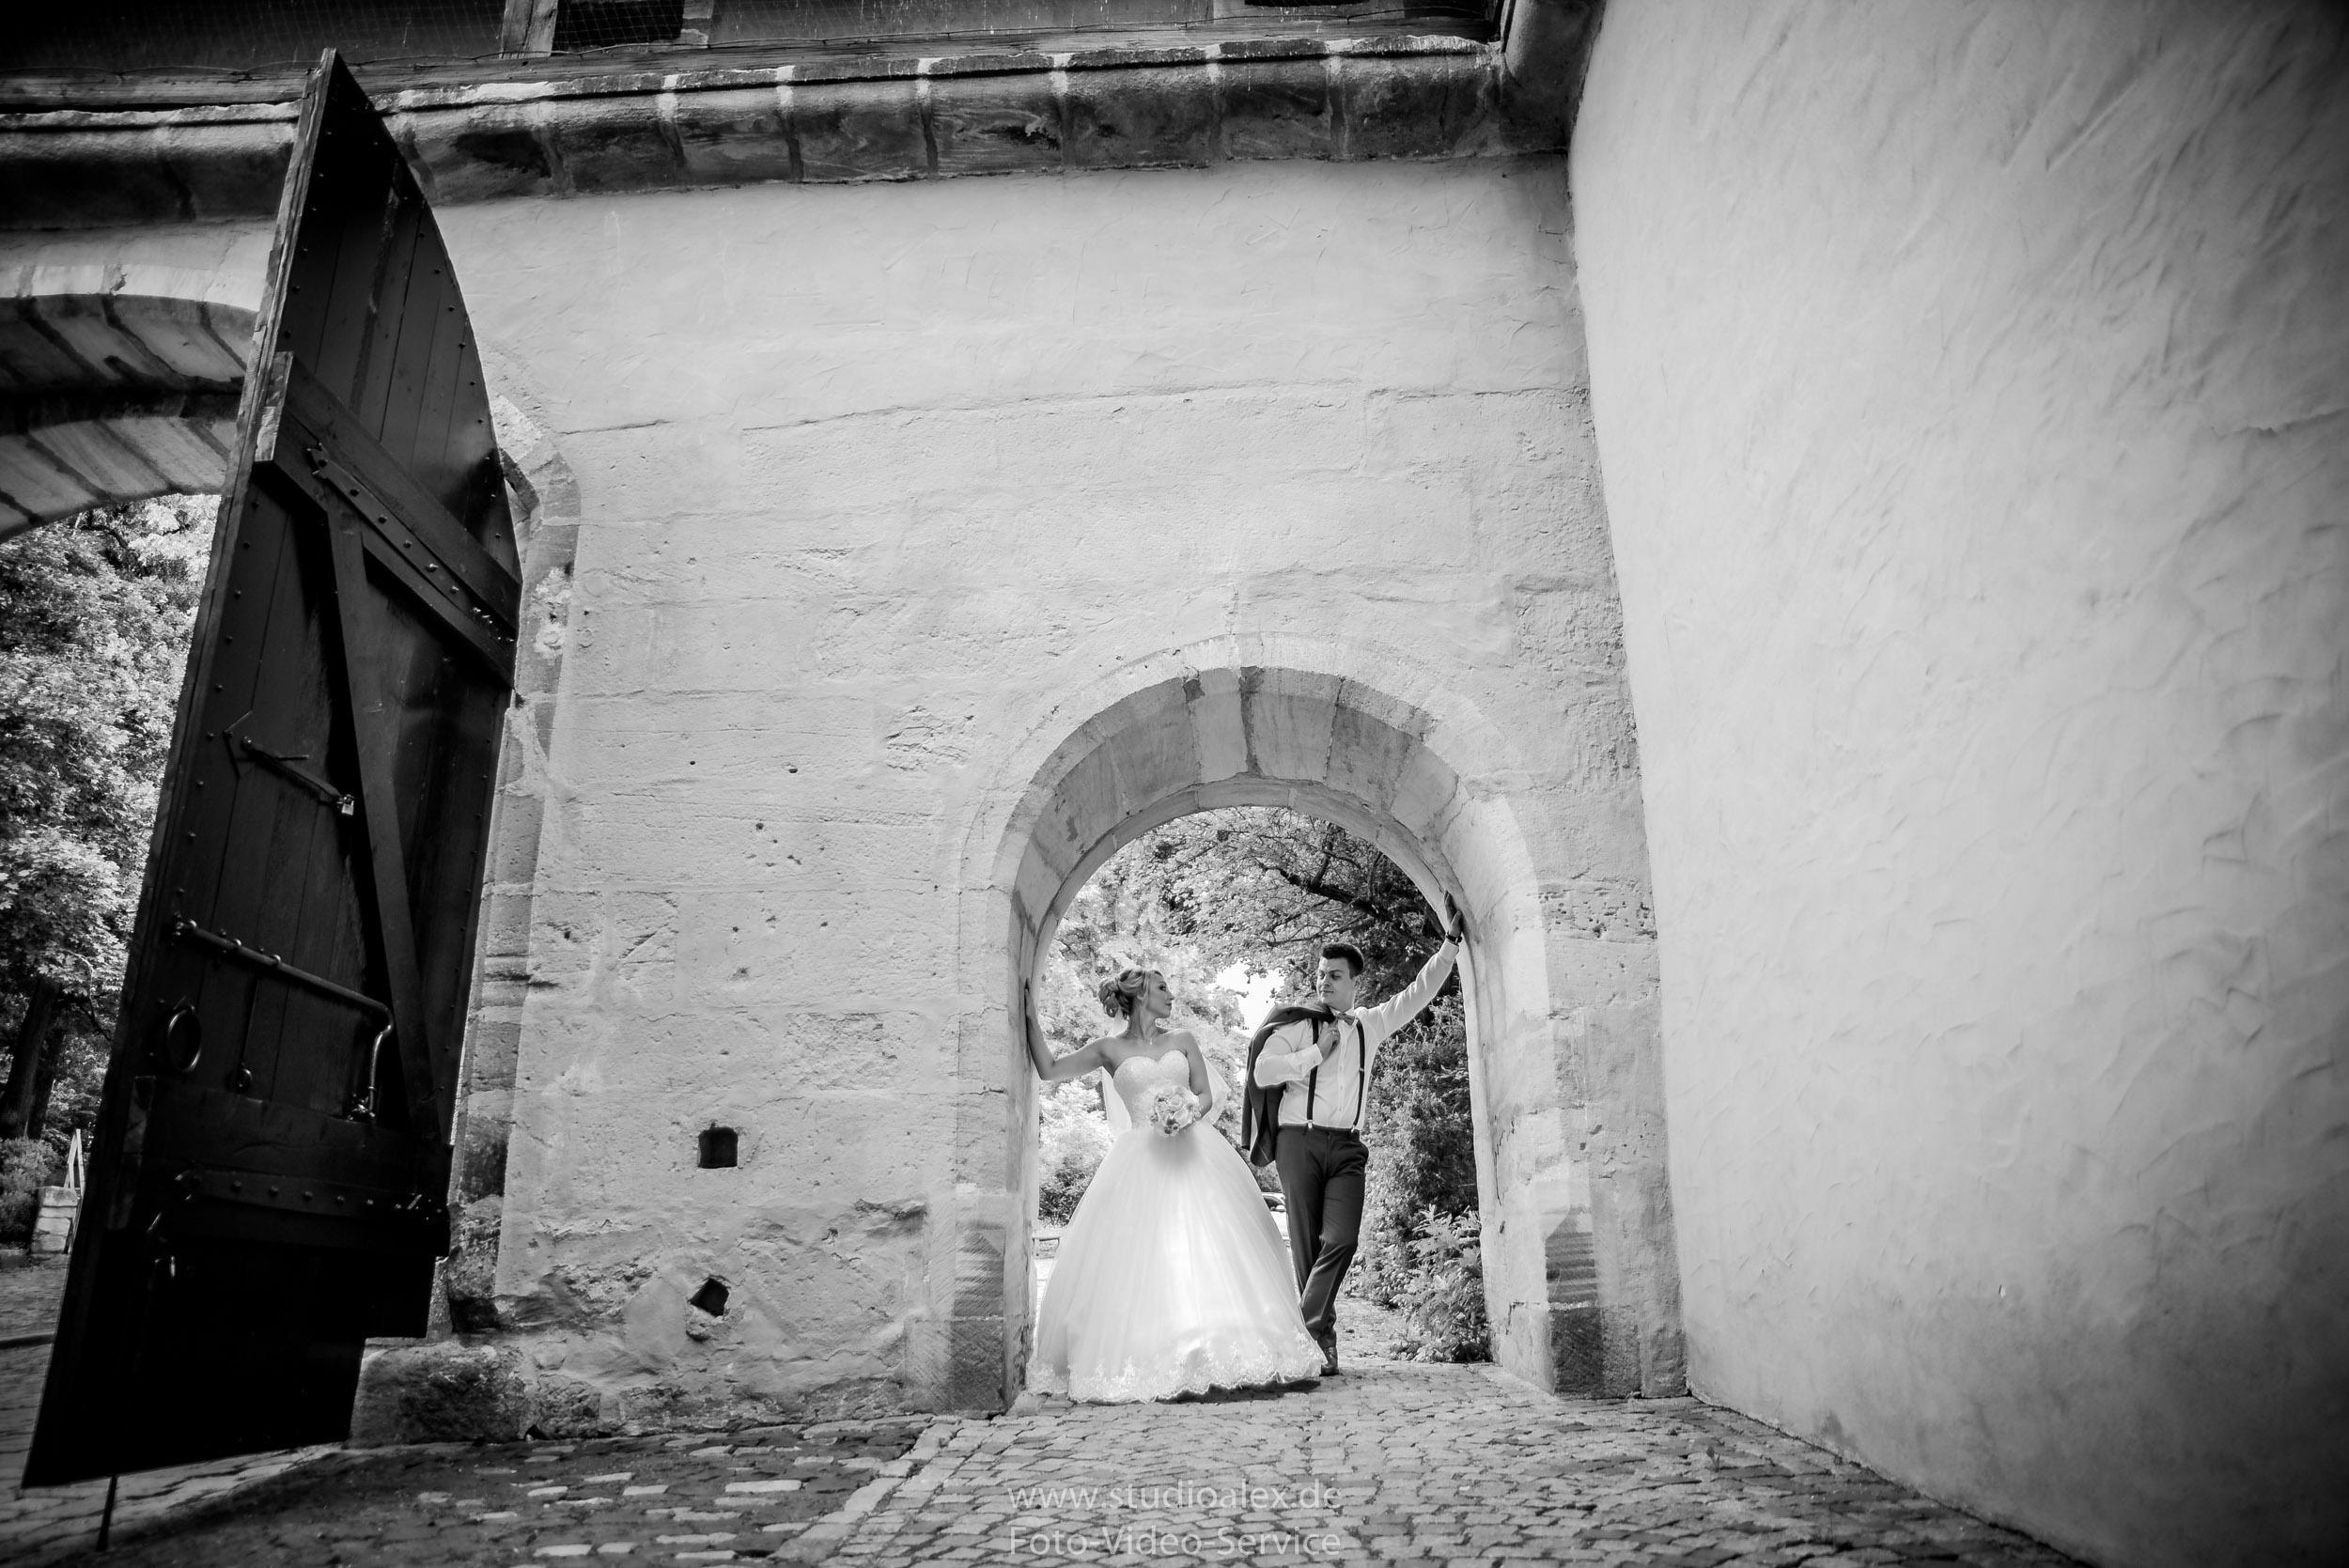 Hochzeitsfotograf-Amberg-Hochzeitsfotografie-Amberg-Hochzeit-Amberg-ACC-Fotograf-Amberg-8192.jpg